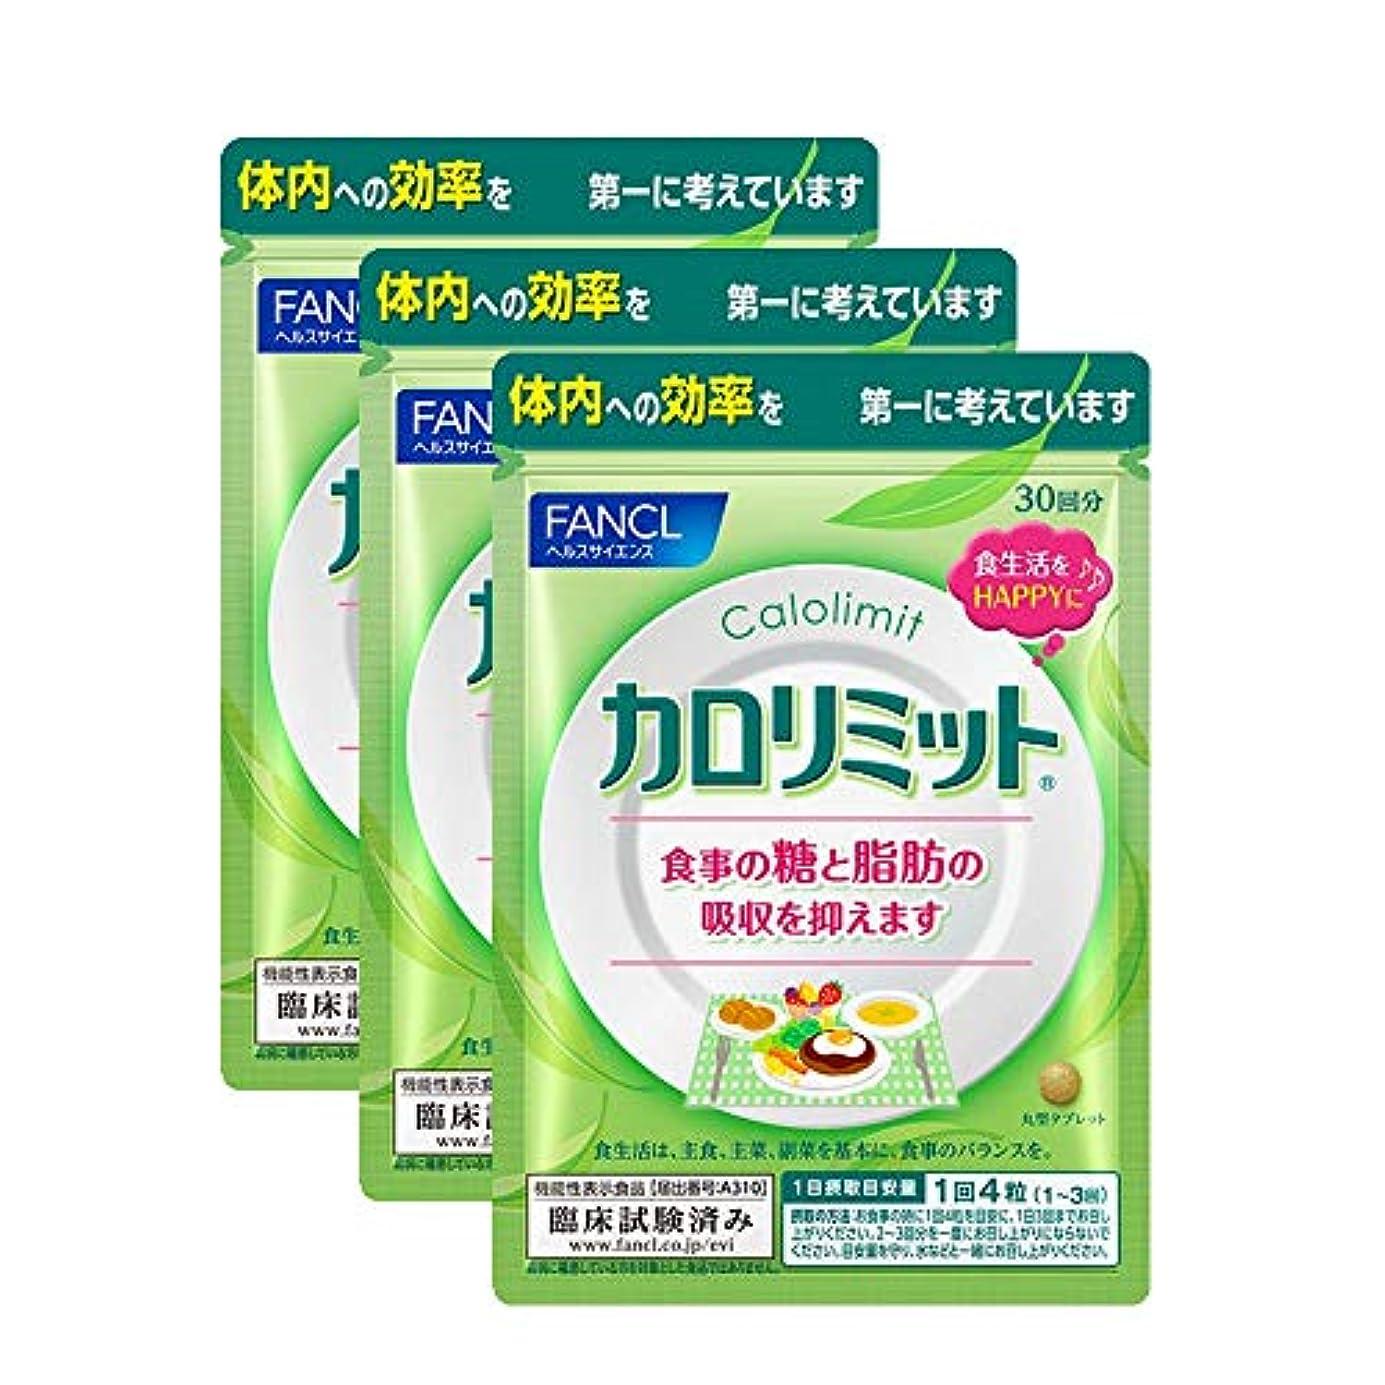 コーデリアリムミュウミュウファンケル(FANCL) カロリミット [機能性表示食品] 90回分 徳用3袋セット